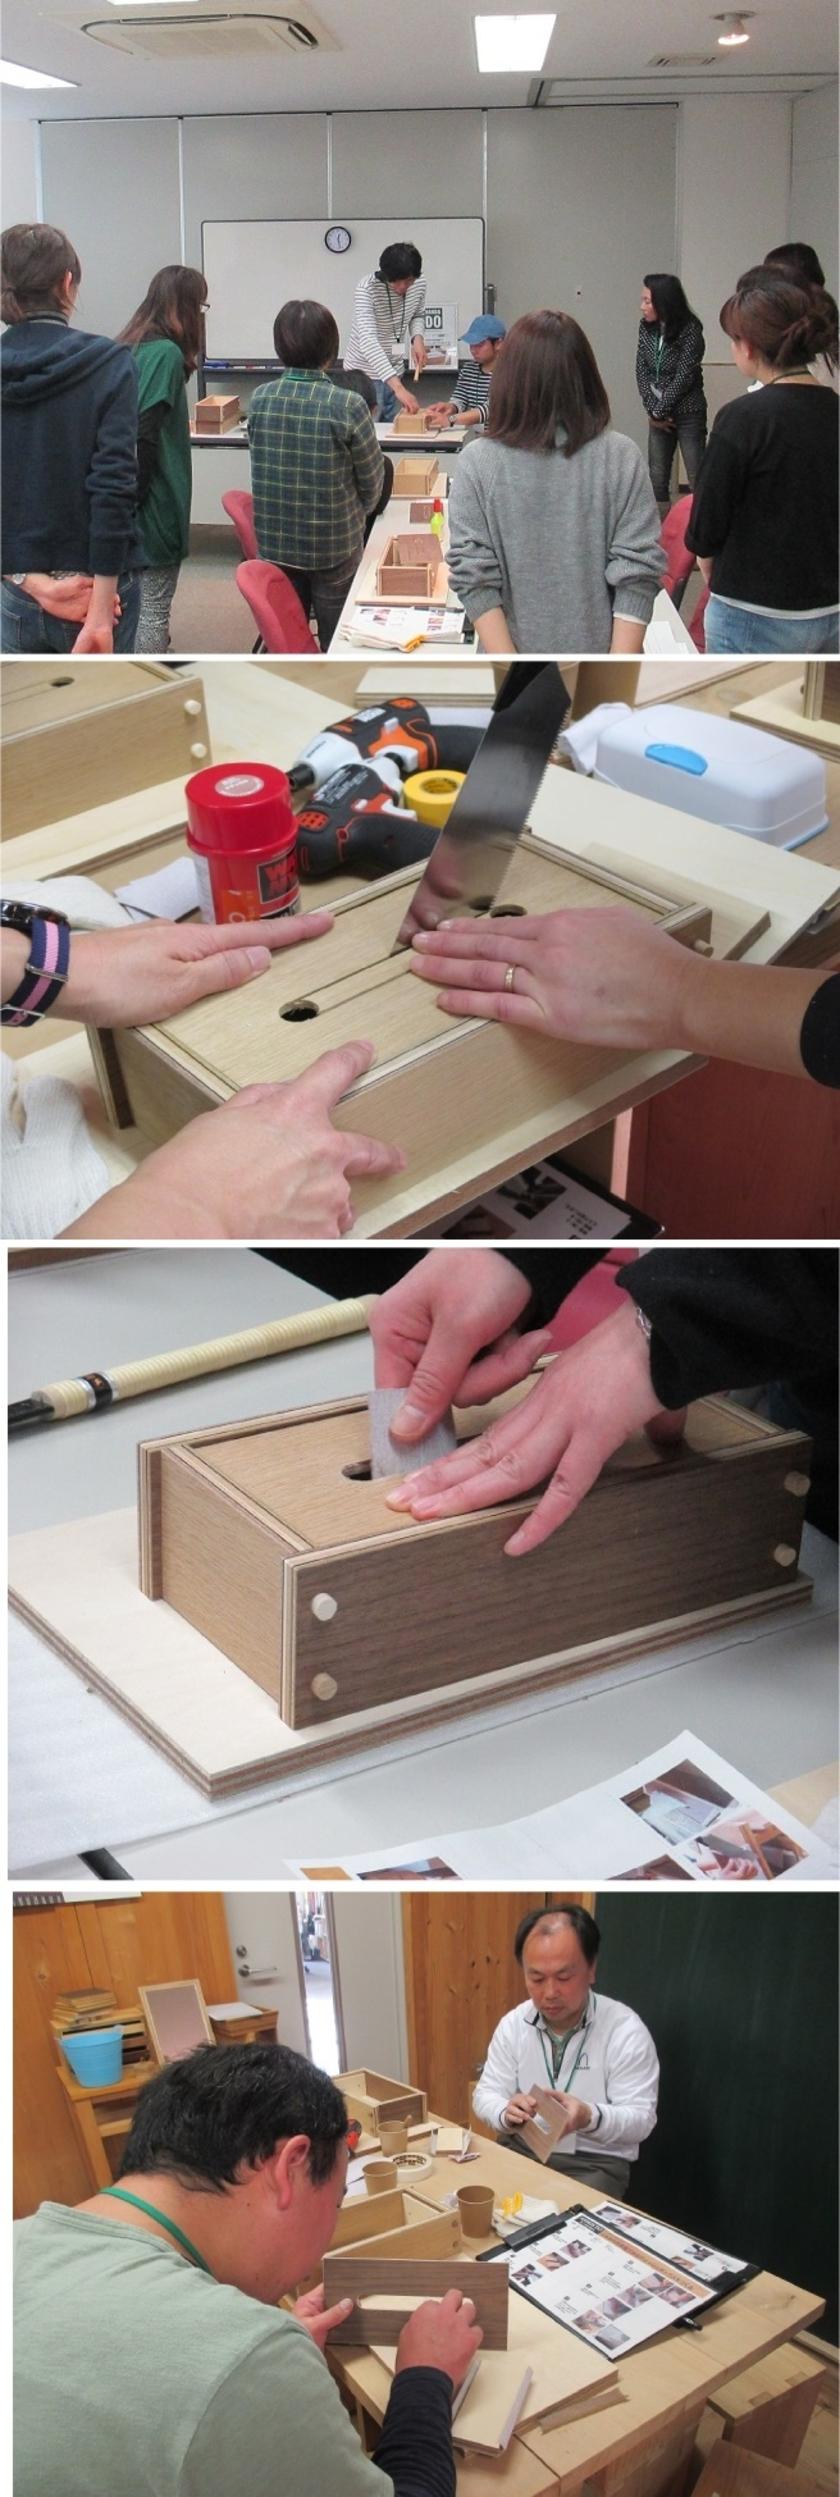 木栓はボンドが乾くまで少し時間がかかります。その間にティッシュの取り出し口をノコギリで切り出します。まずは先生がお手本をお示しします。切り口は紙やすりで滑らかに仕上げます。